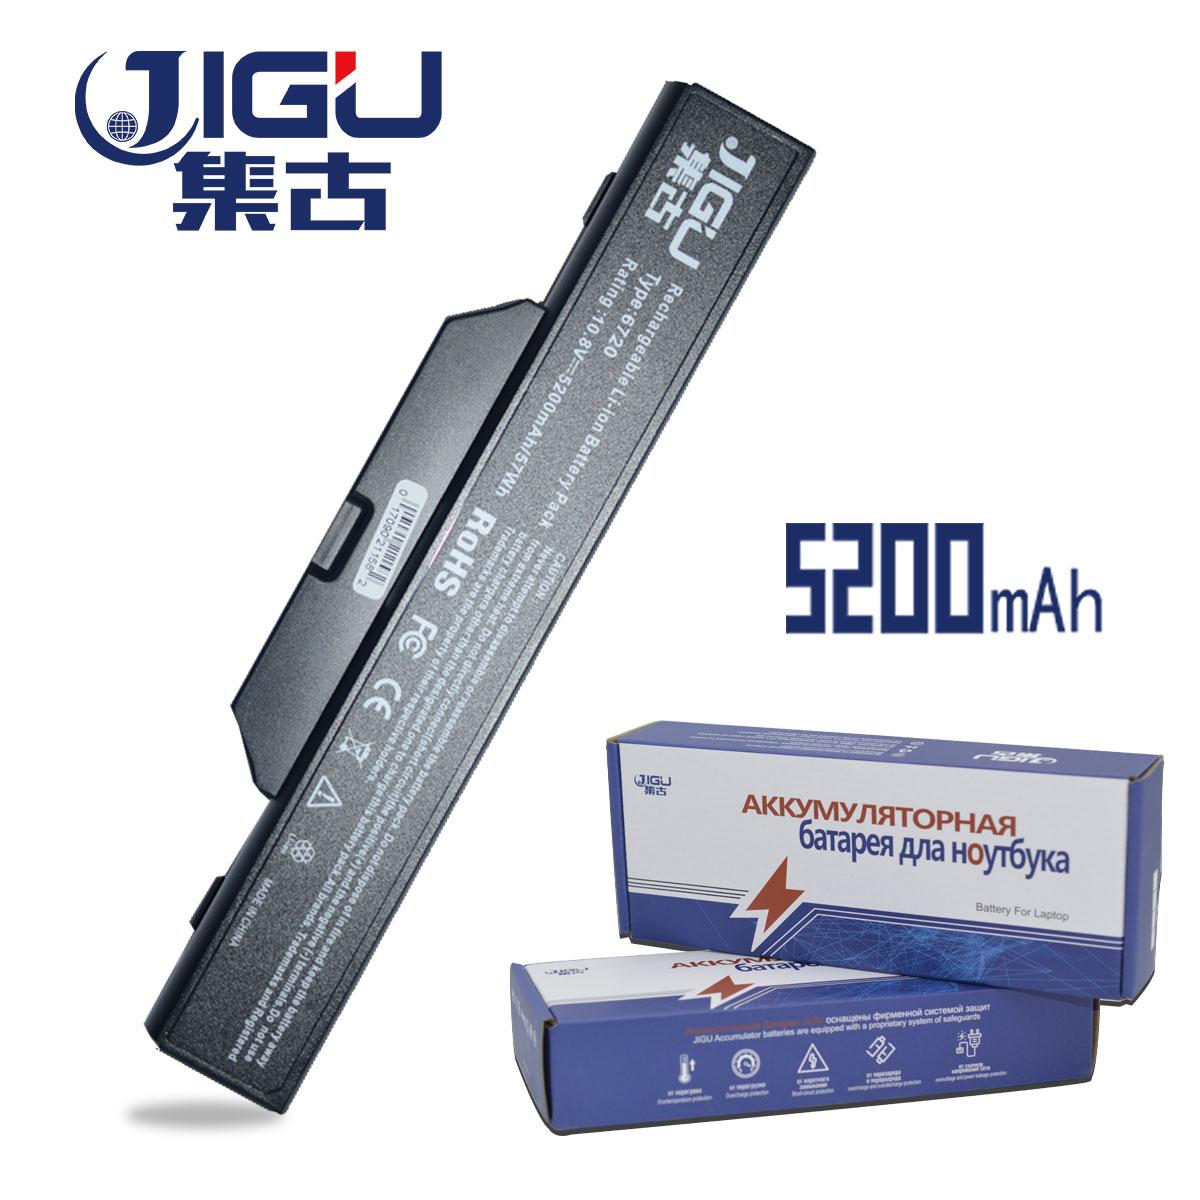 JIGU Batteria Del Computer Portatile di Ricambio Per HP COMPAQ 510 610 615 6720 6735 CT 6730 s 6820 6830 s 451086- 161 451568-001